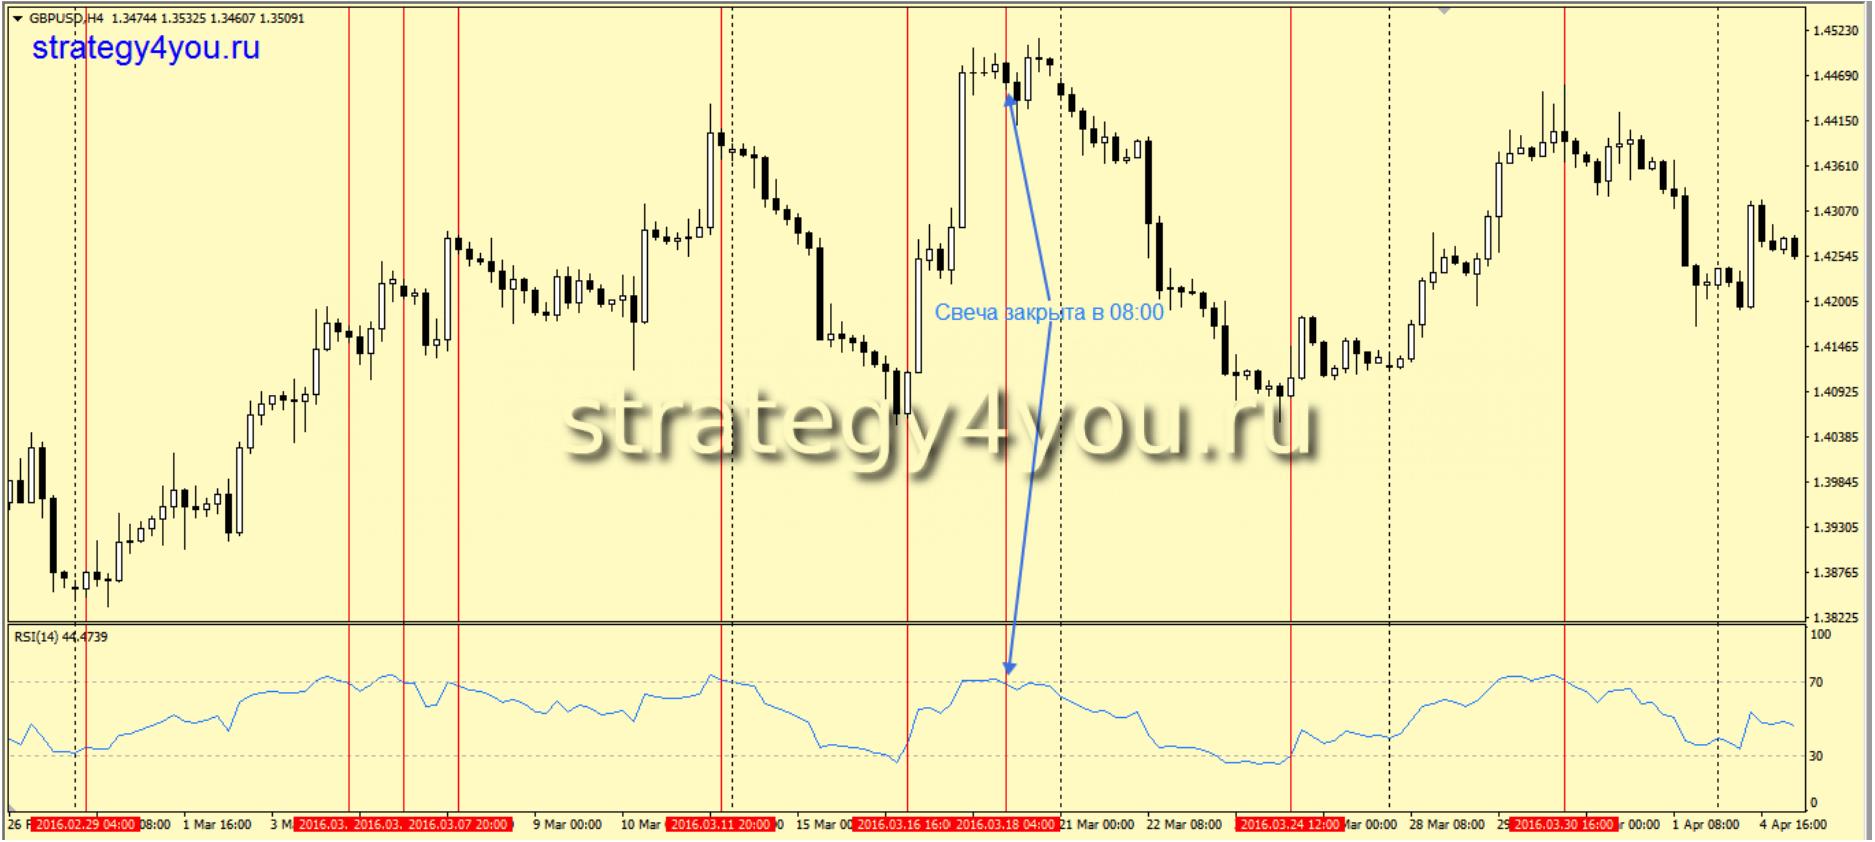 Индикаторные стратегии форекс h1 h4 wbk bank